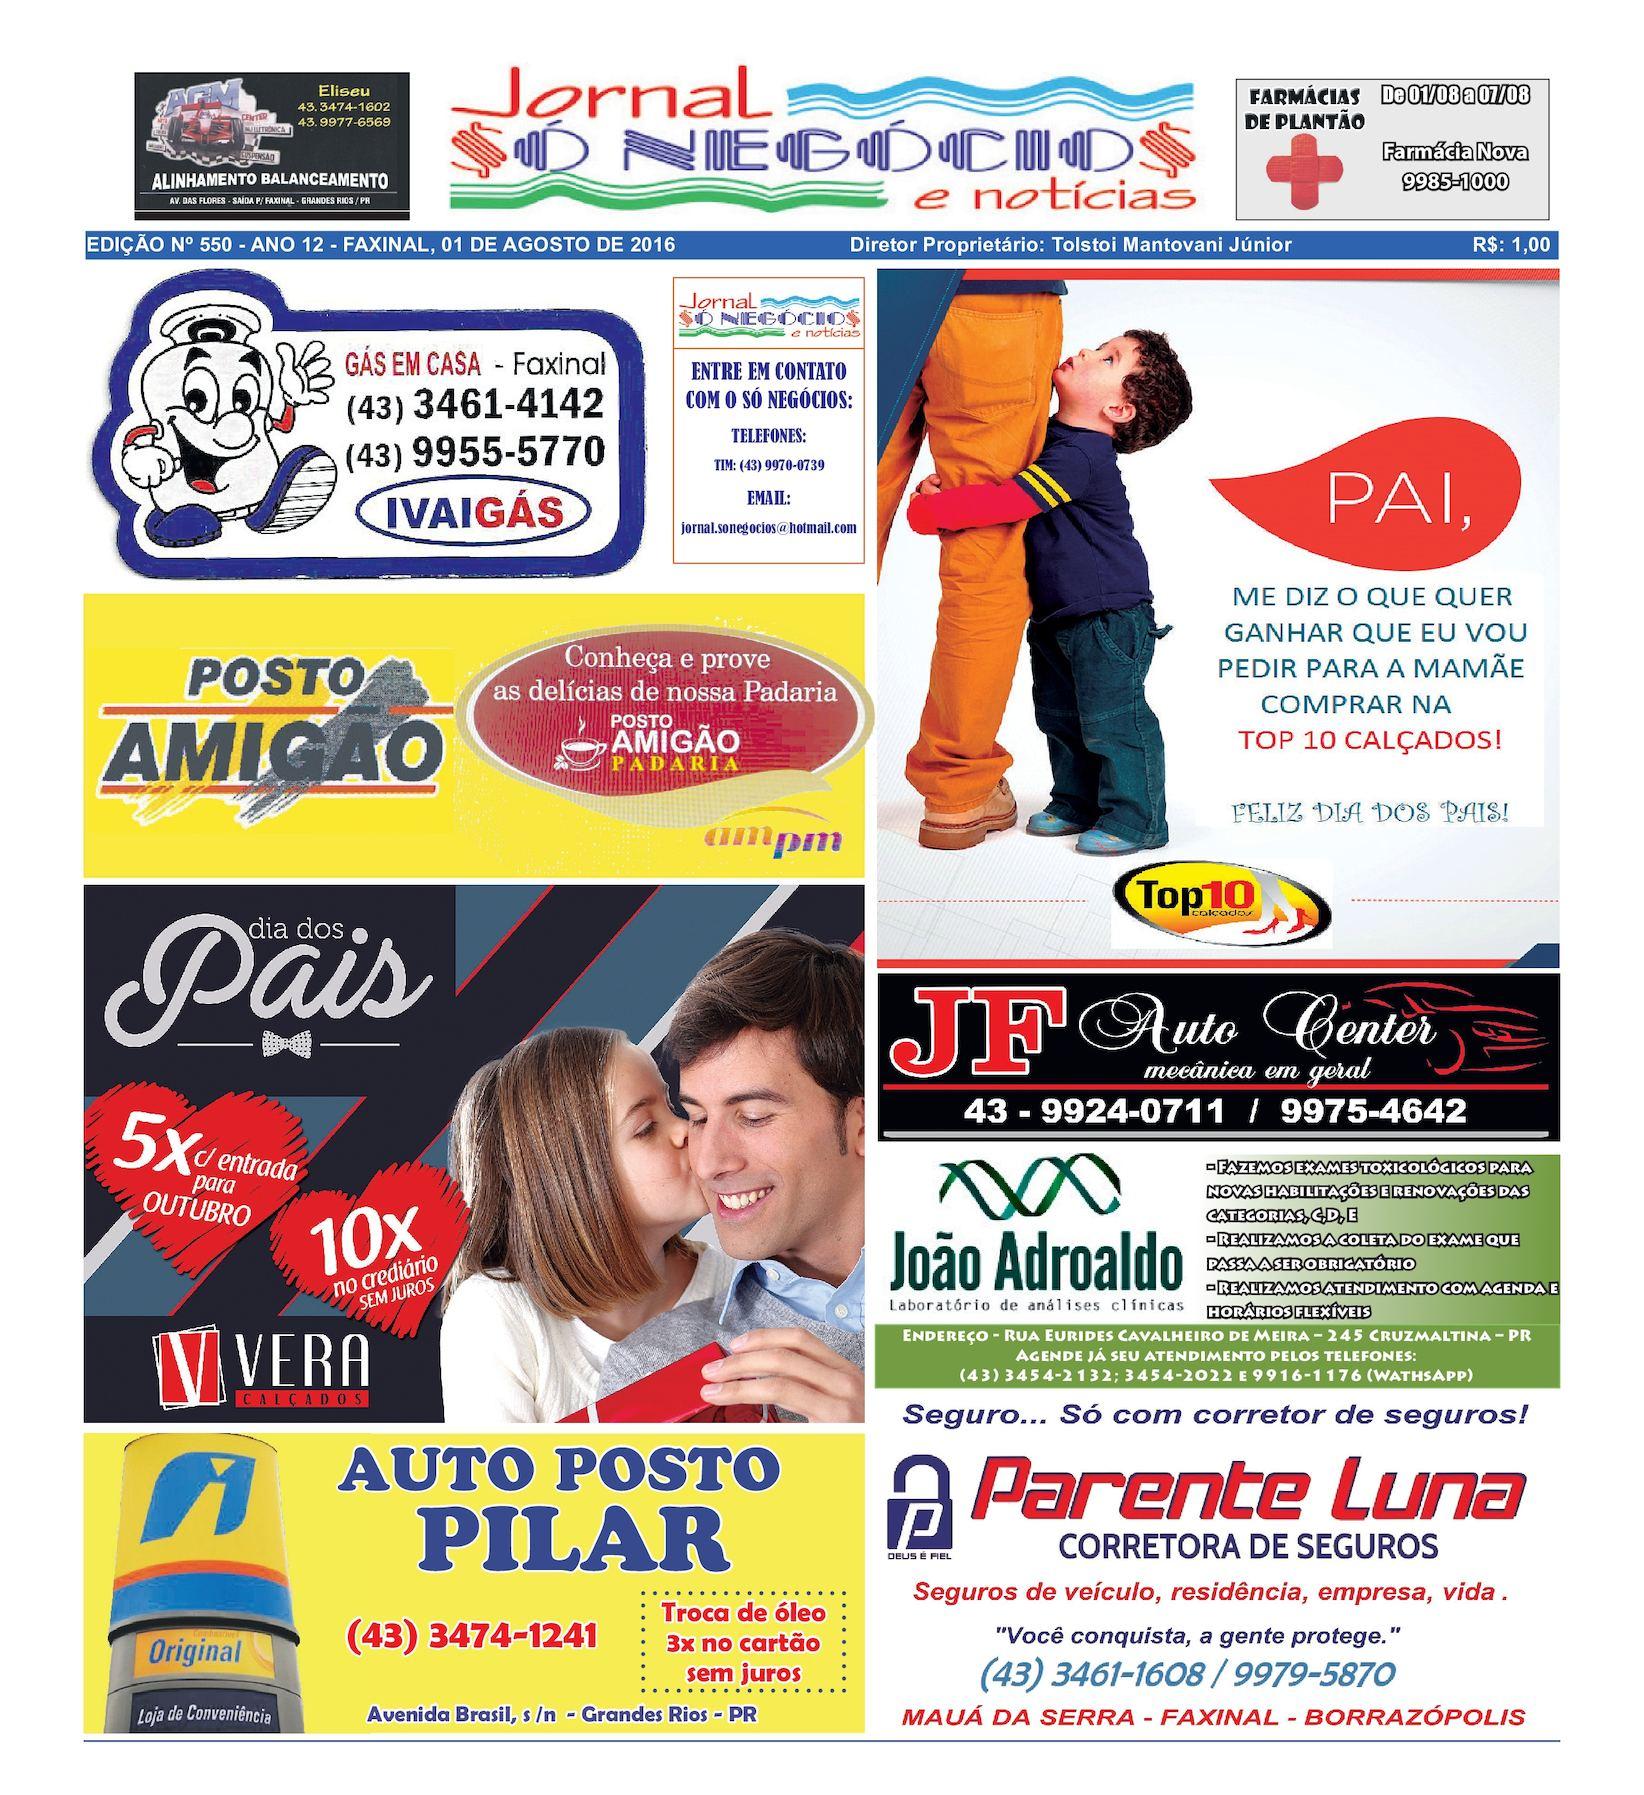 063e50920 Calaméo - Edição 550